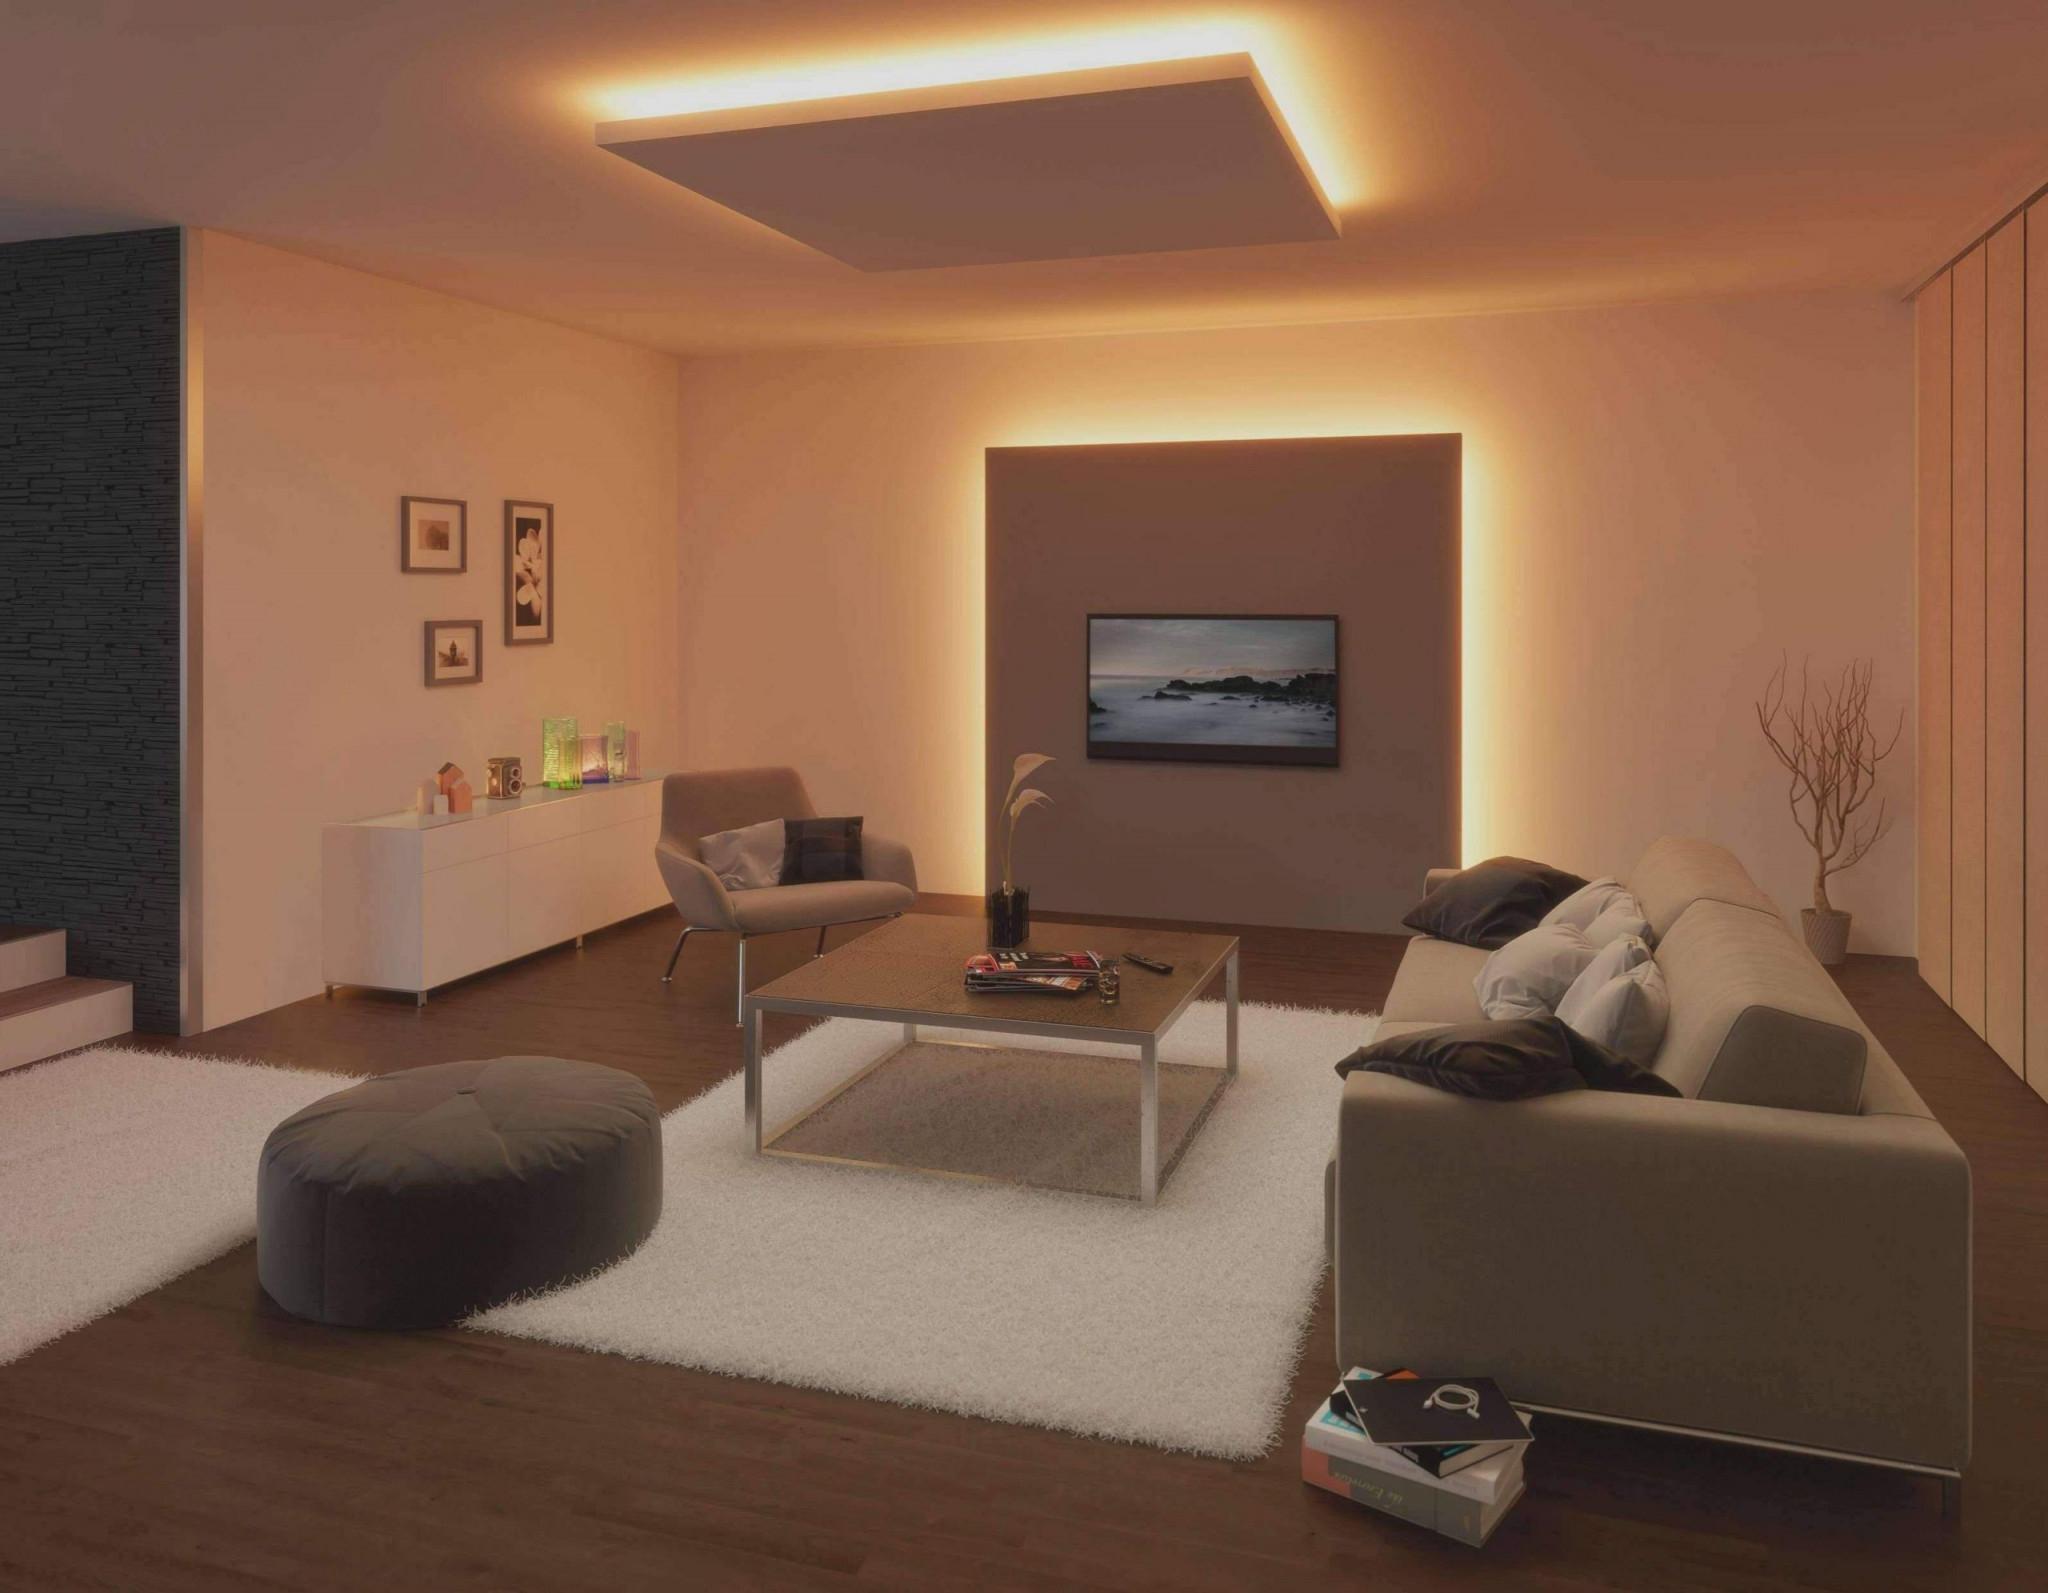 Wohnzimmer Ideen Das Beste Von Uhr Wohnzimmer Ideen Was von Wohnzimmer Gemütlich Ideen Bild